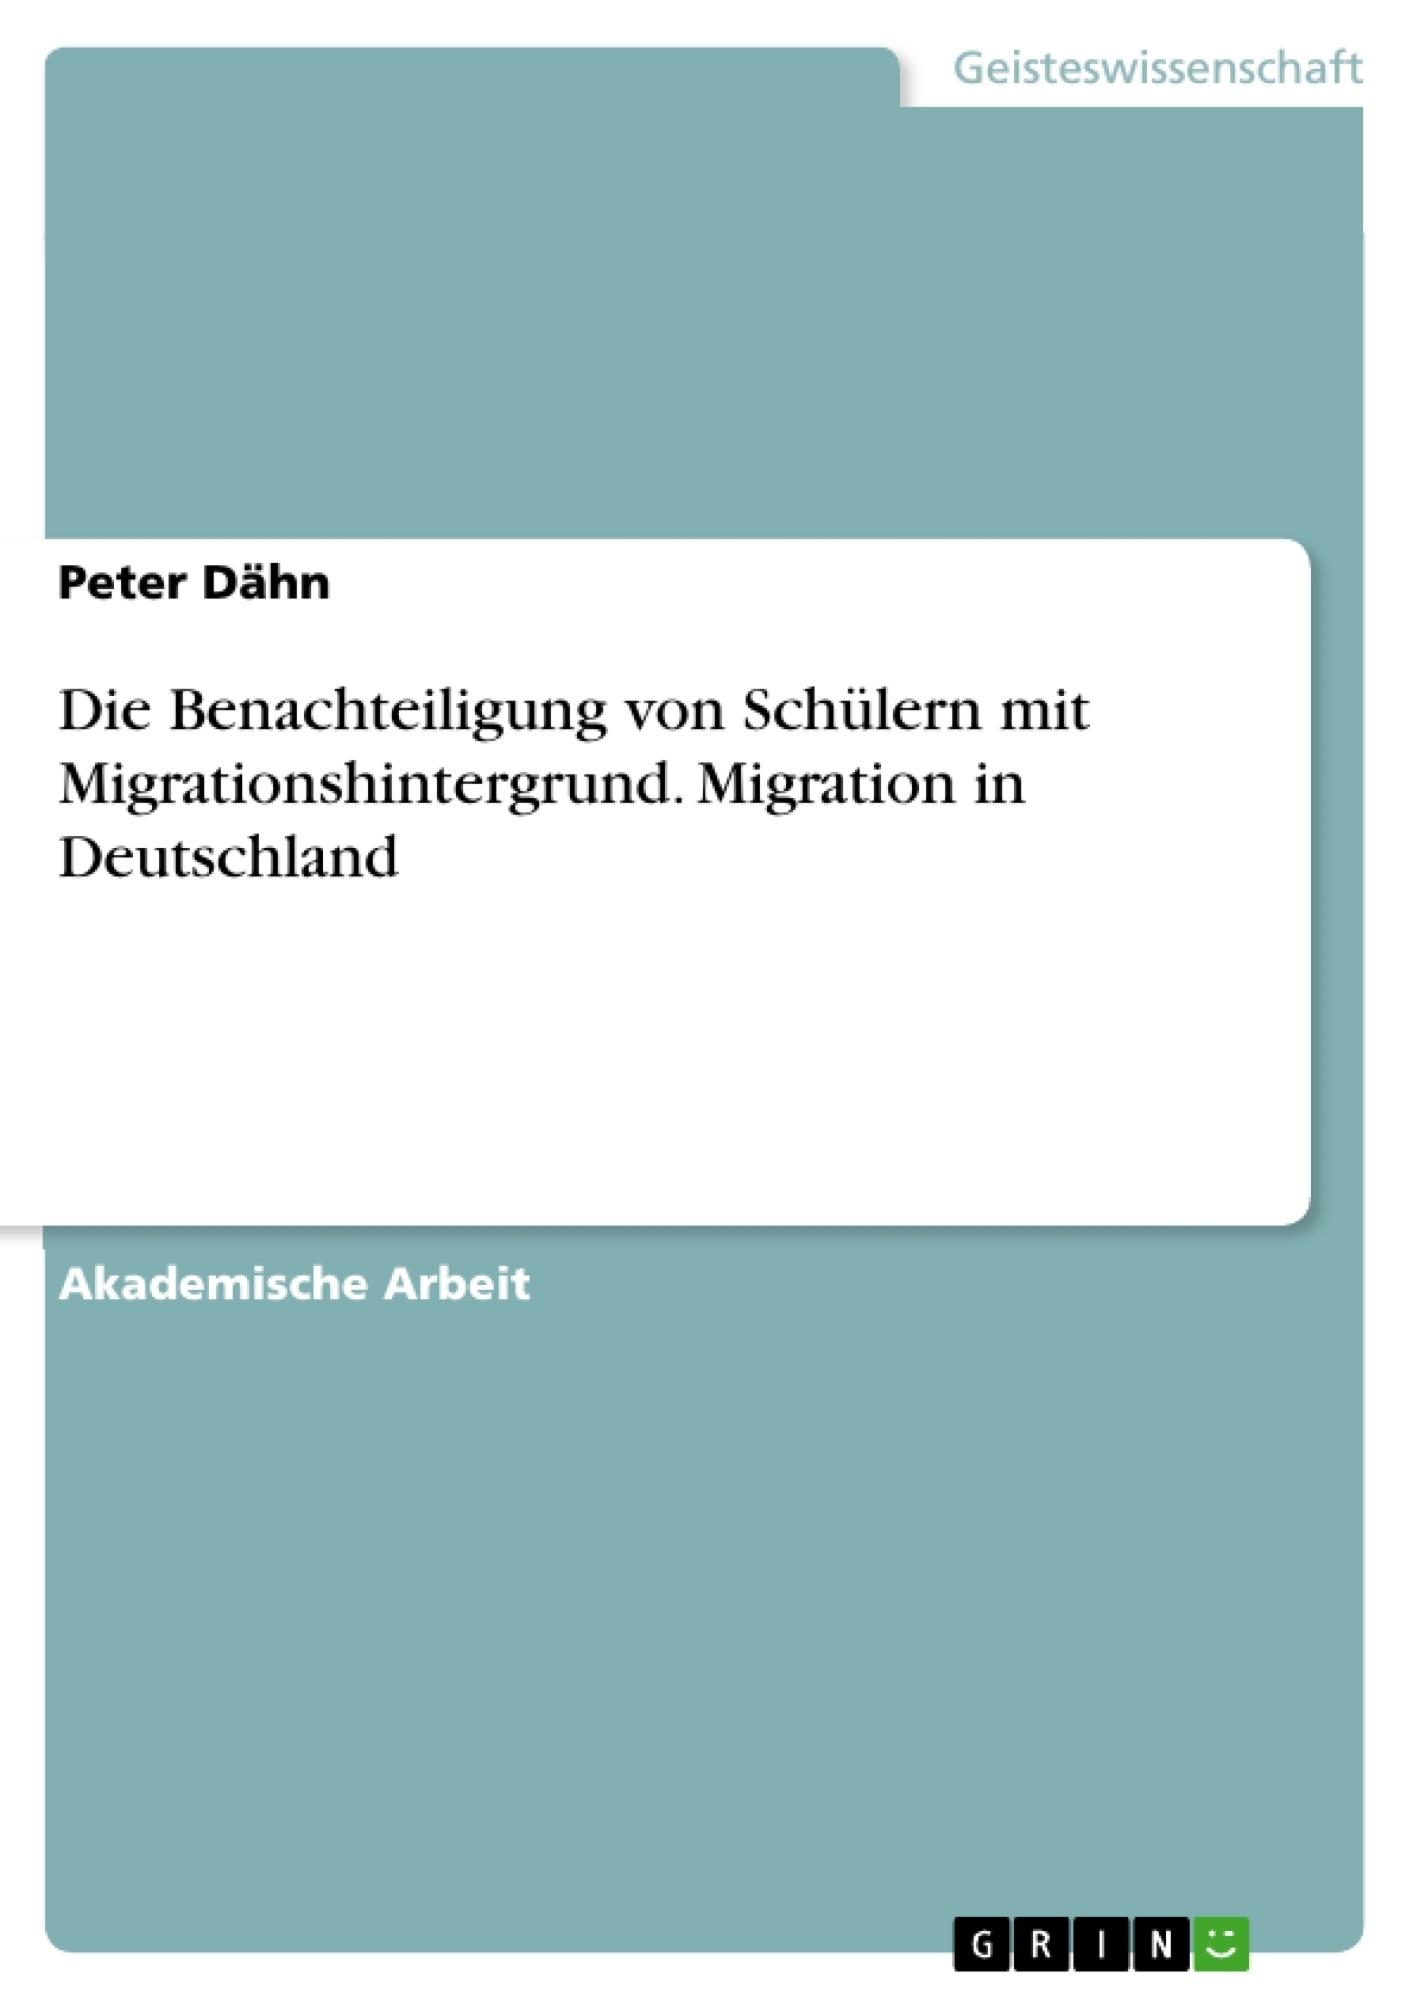 Titel: Die Benachteiligung von Schülern mit Migrationshintergrund. Migration in Deutschland